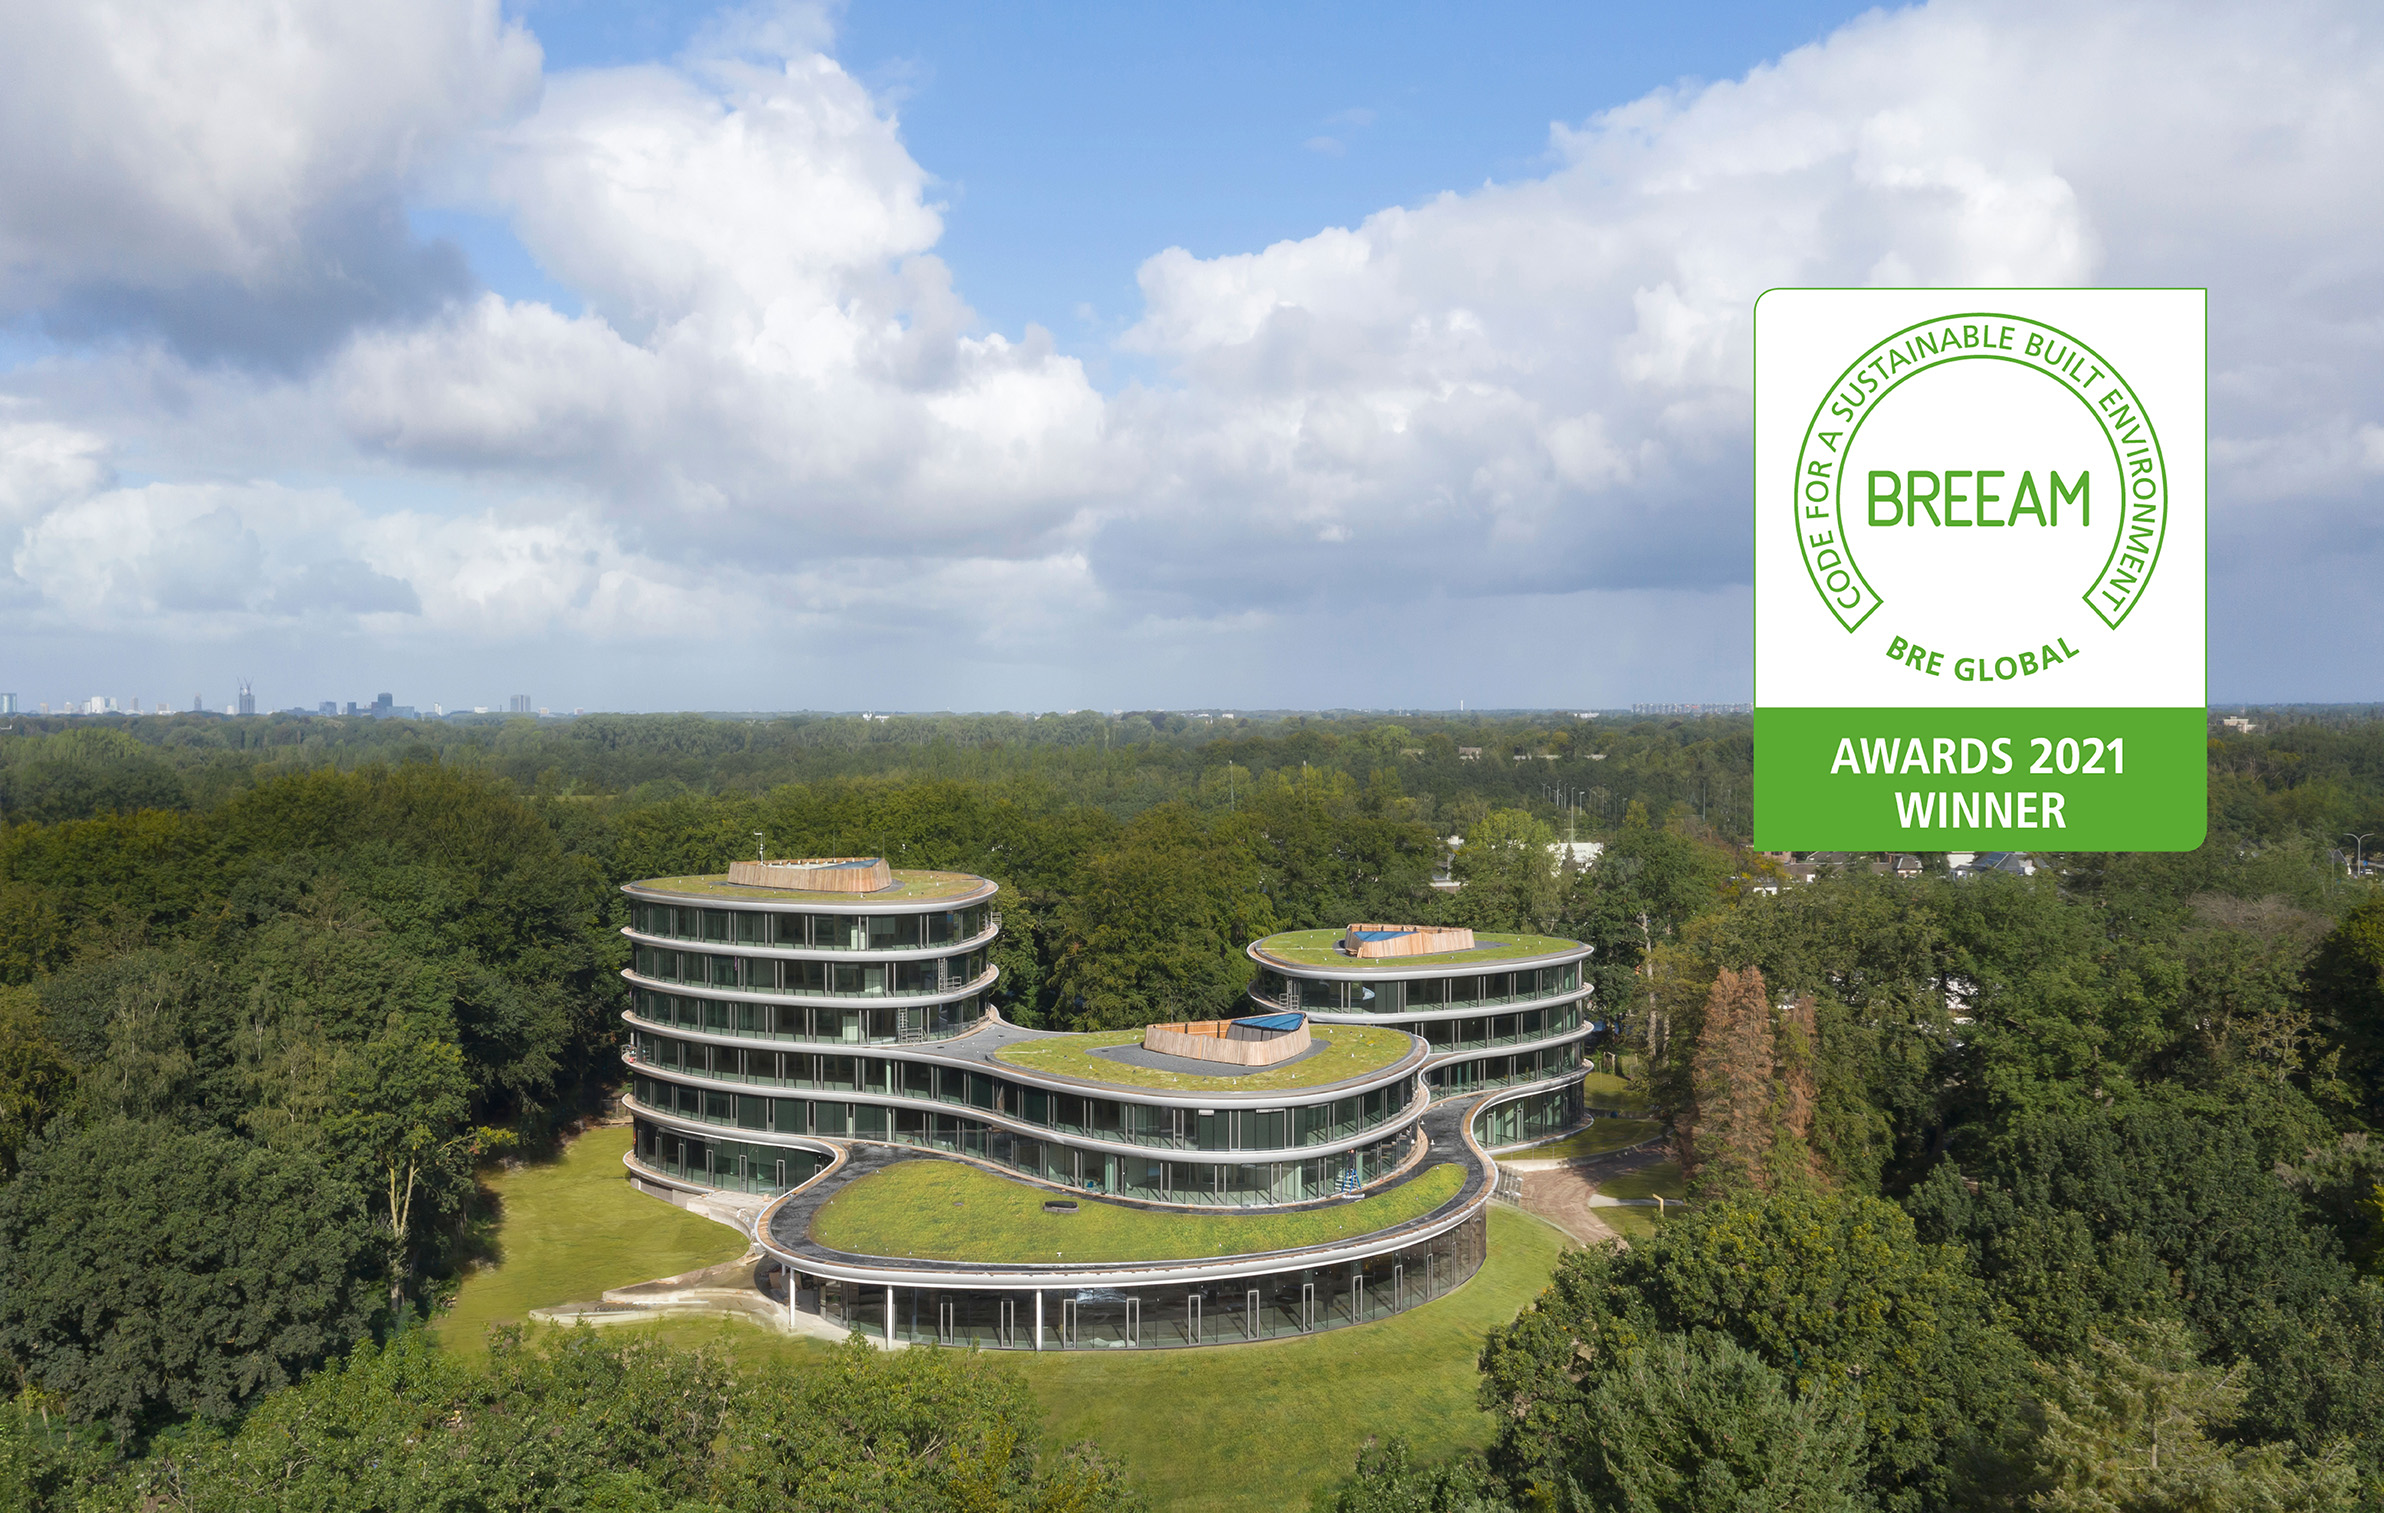 Triodos Bank wint BREEAM Awards